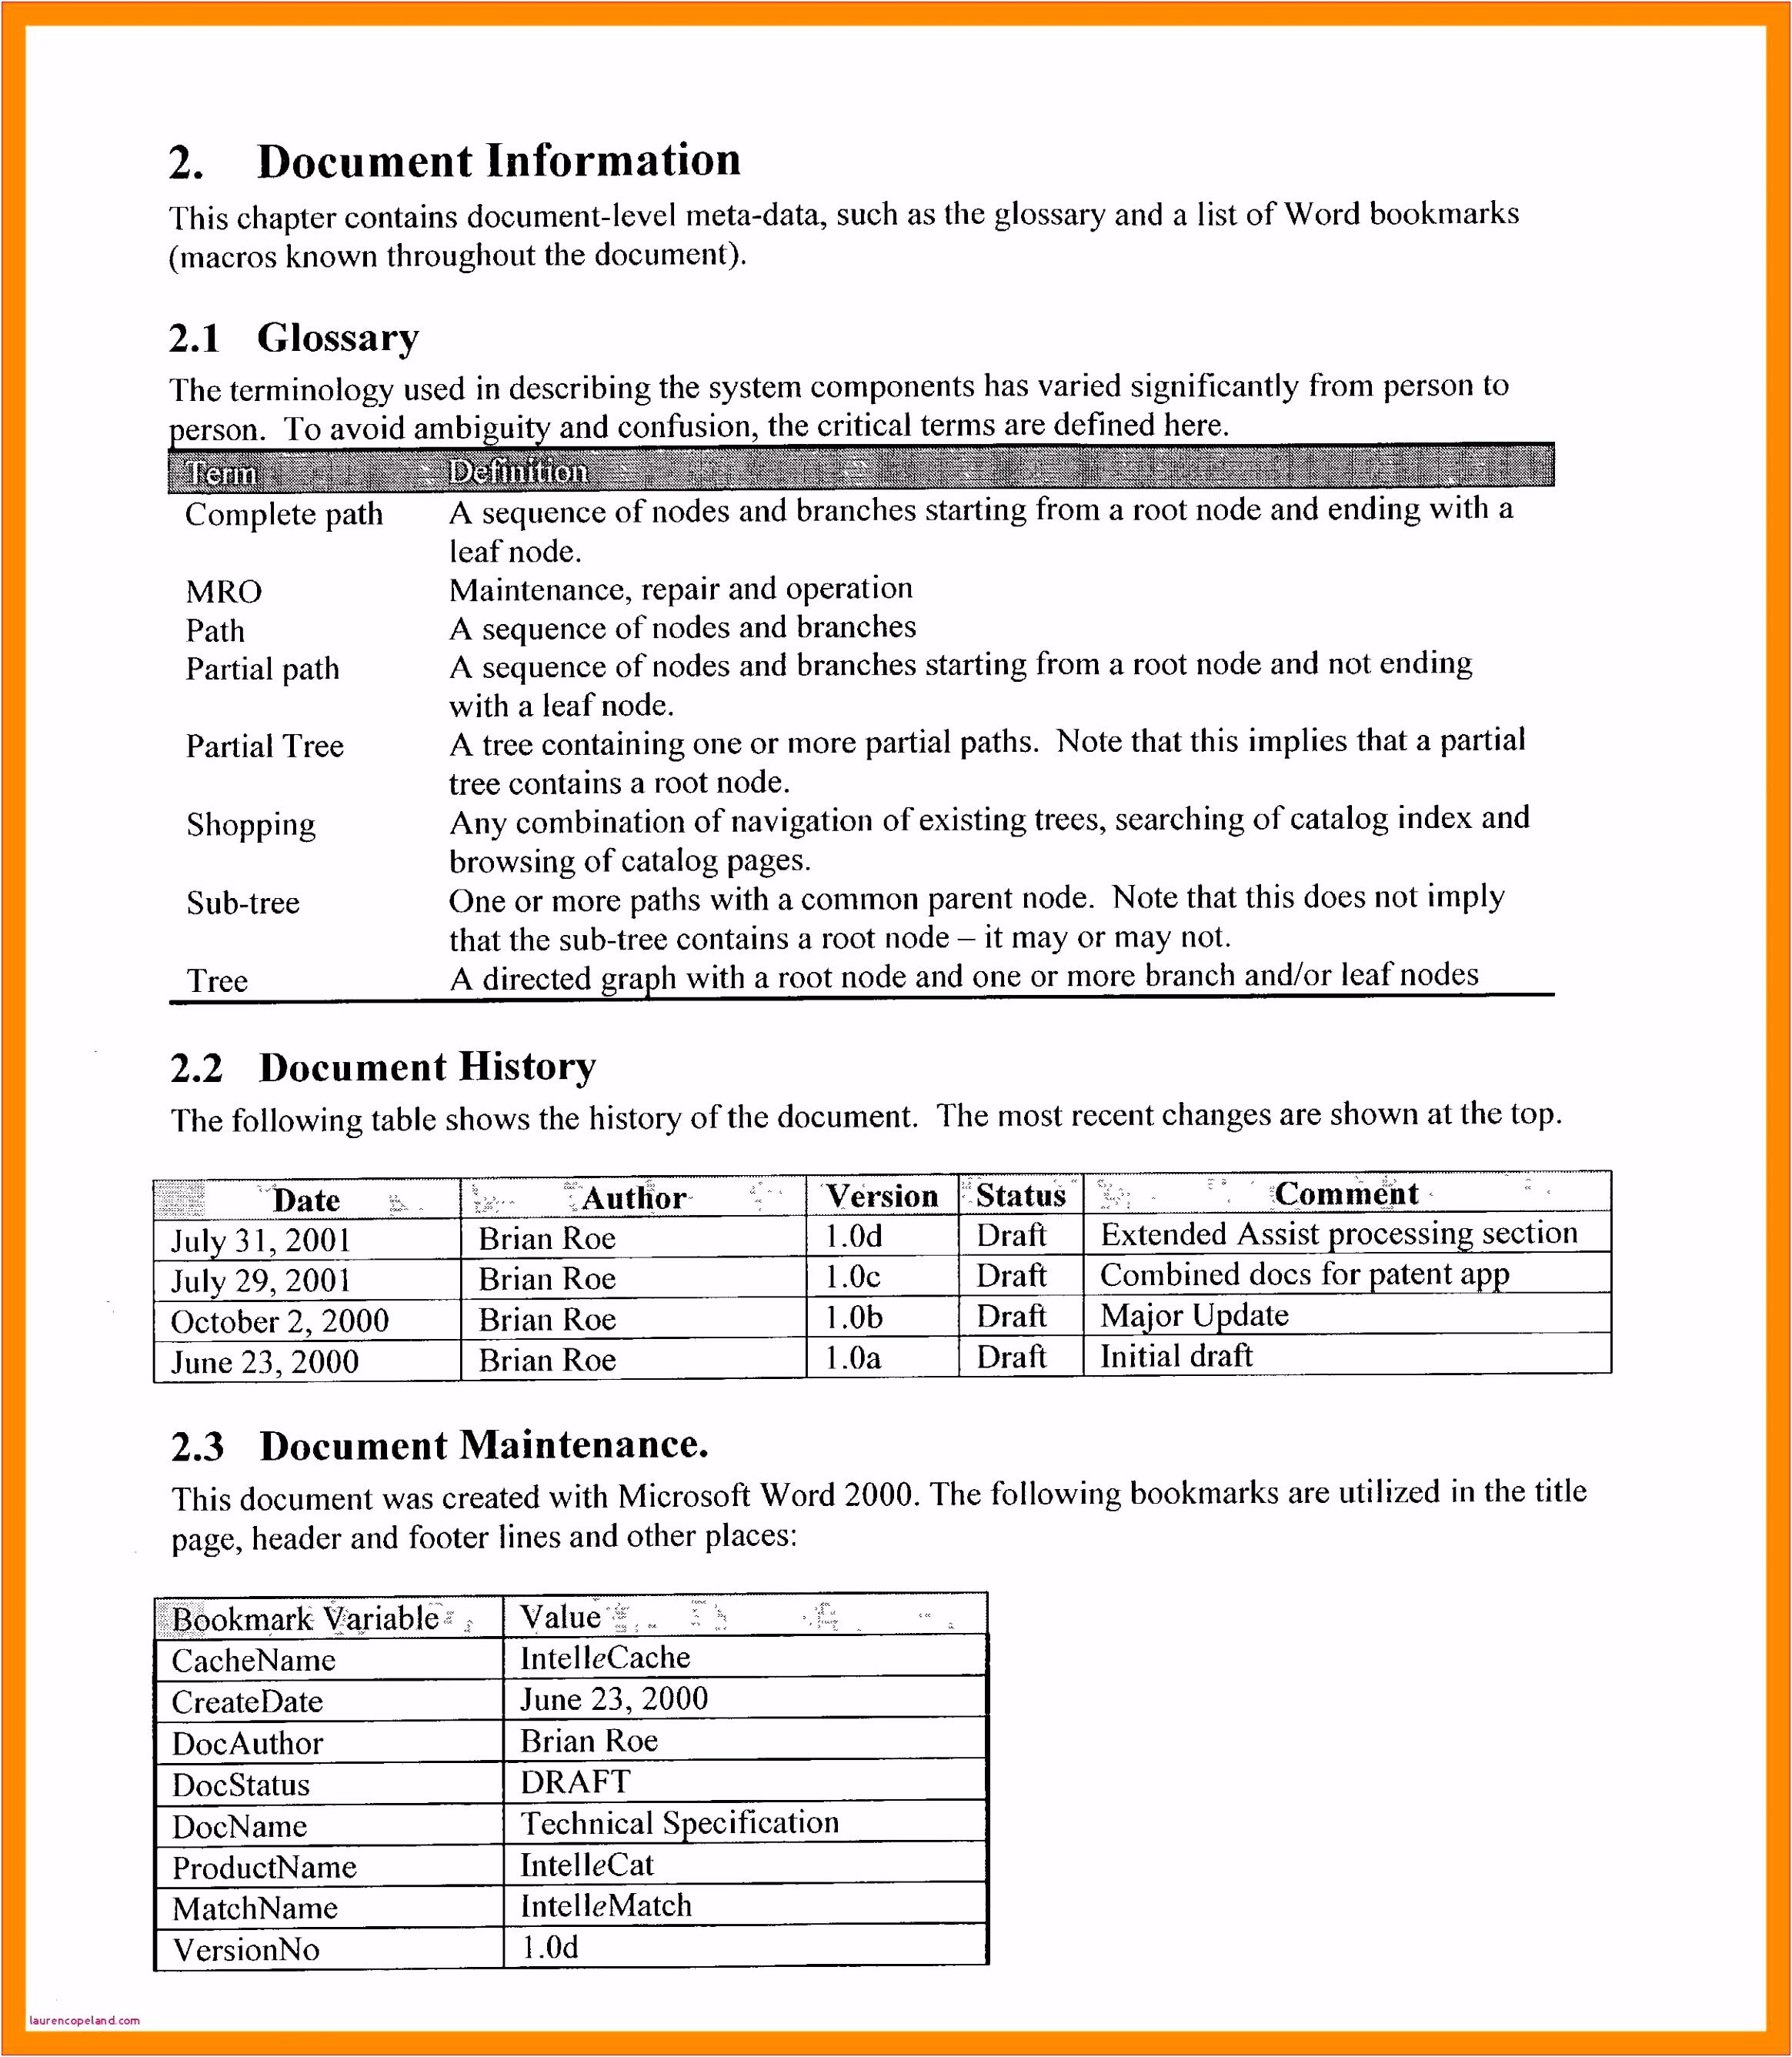 Lebenslauf Fur Ein Schulerpraktikum Vorlage 13 Bewerbungsschreiben Vorlagen Praktikum M2tf31nee3 Gupy4mnsvs